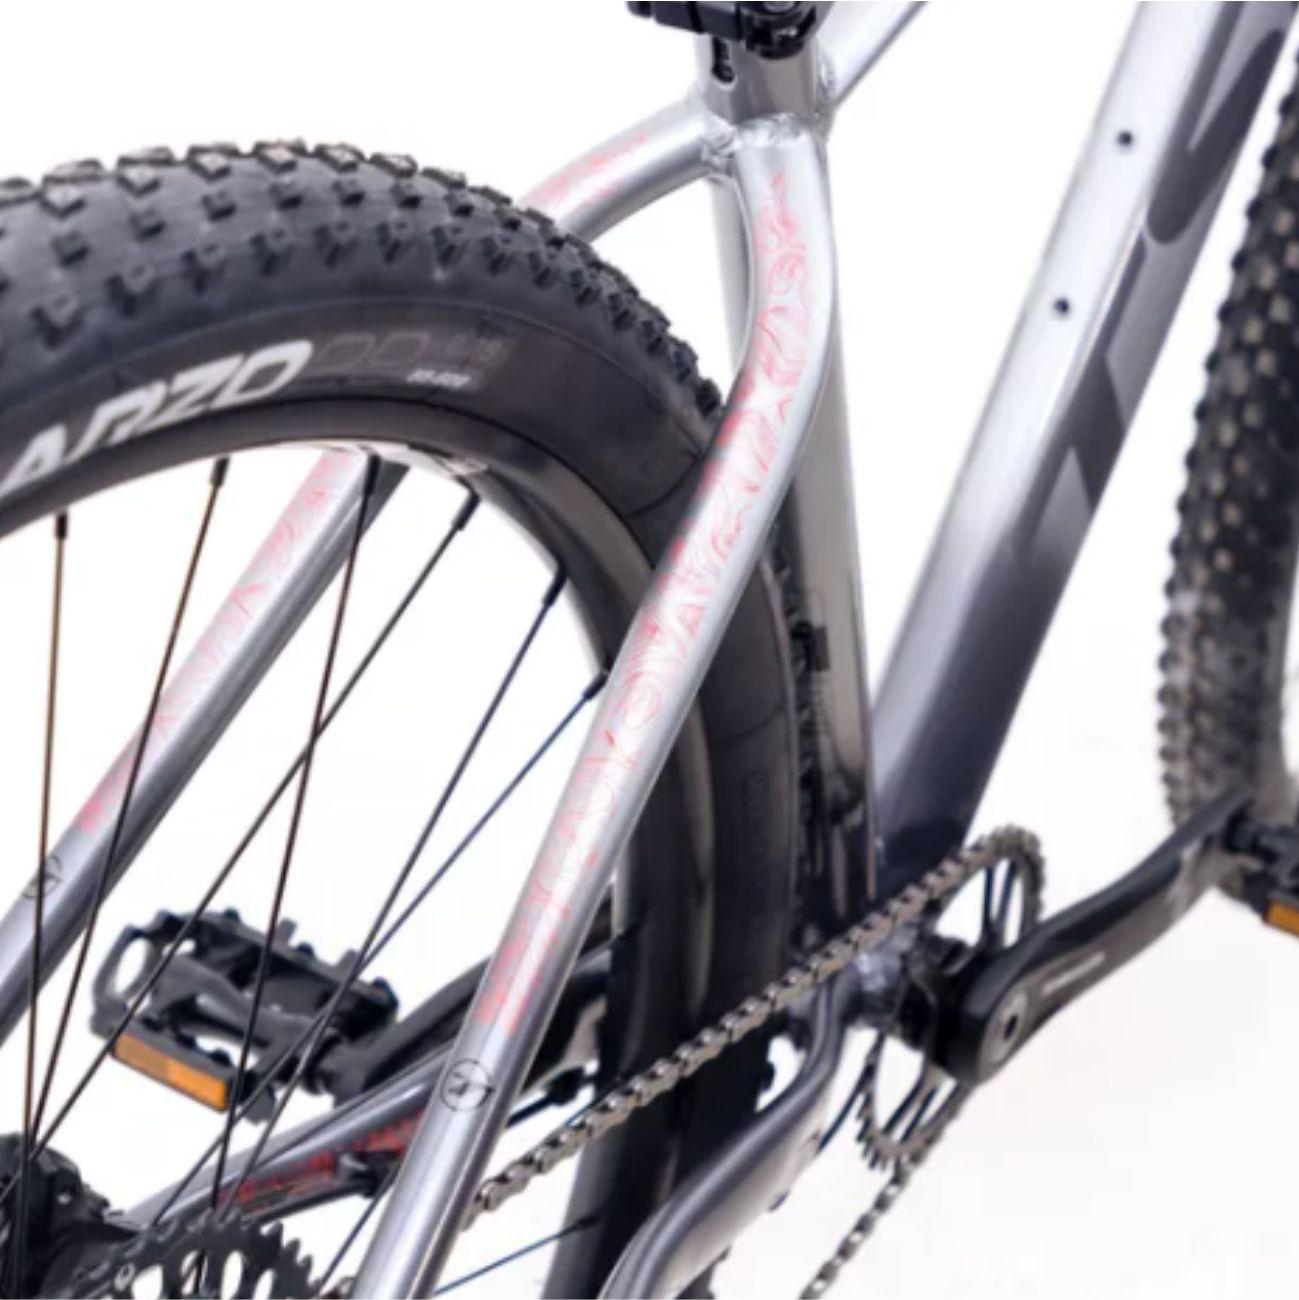 Bicicleta Tsw Yukon GX Aro 29 12v